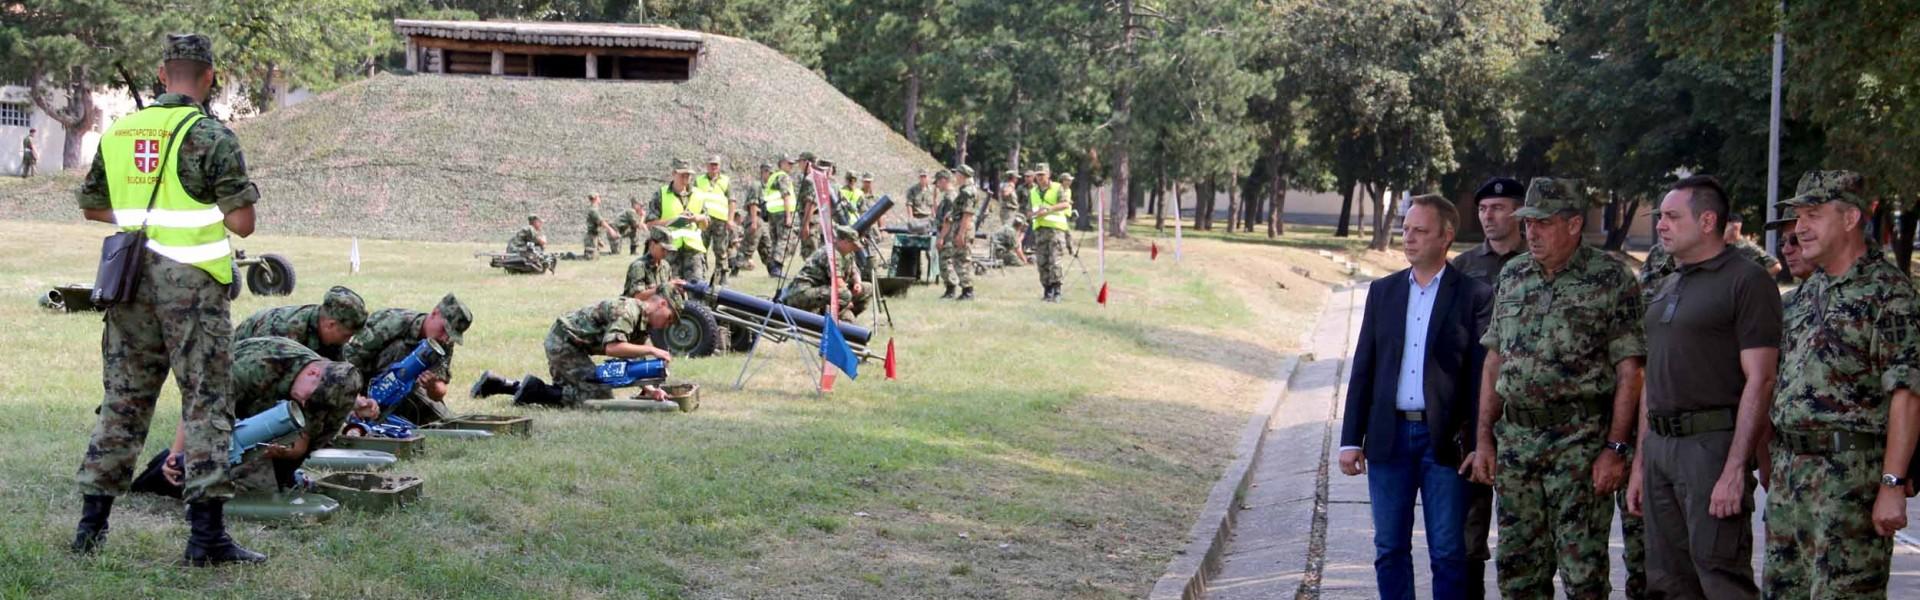 Ministar Vulin: Prioritet obuka aktivnog i rezervnog sastava vojske